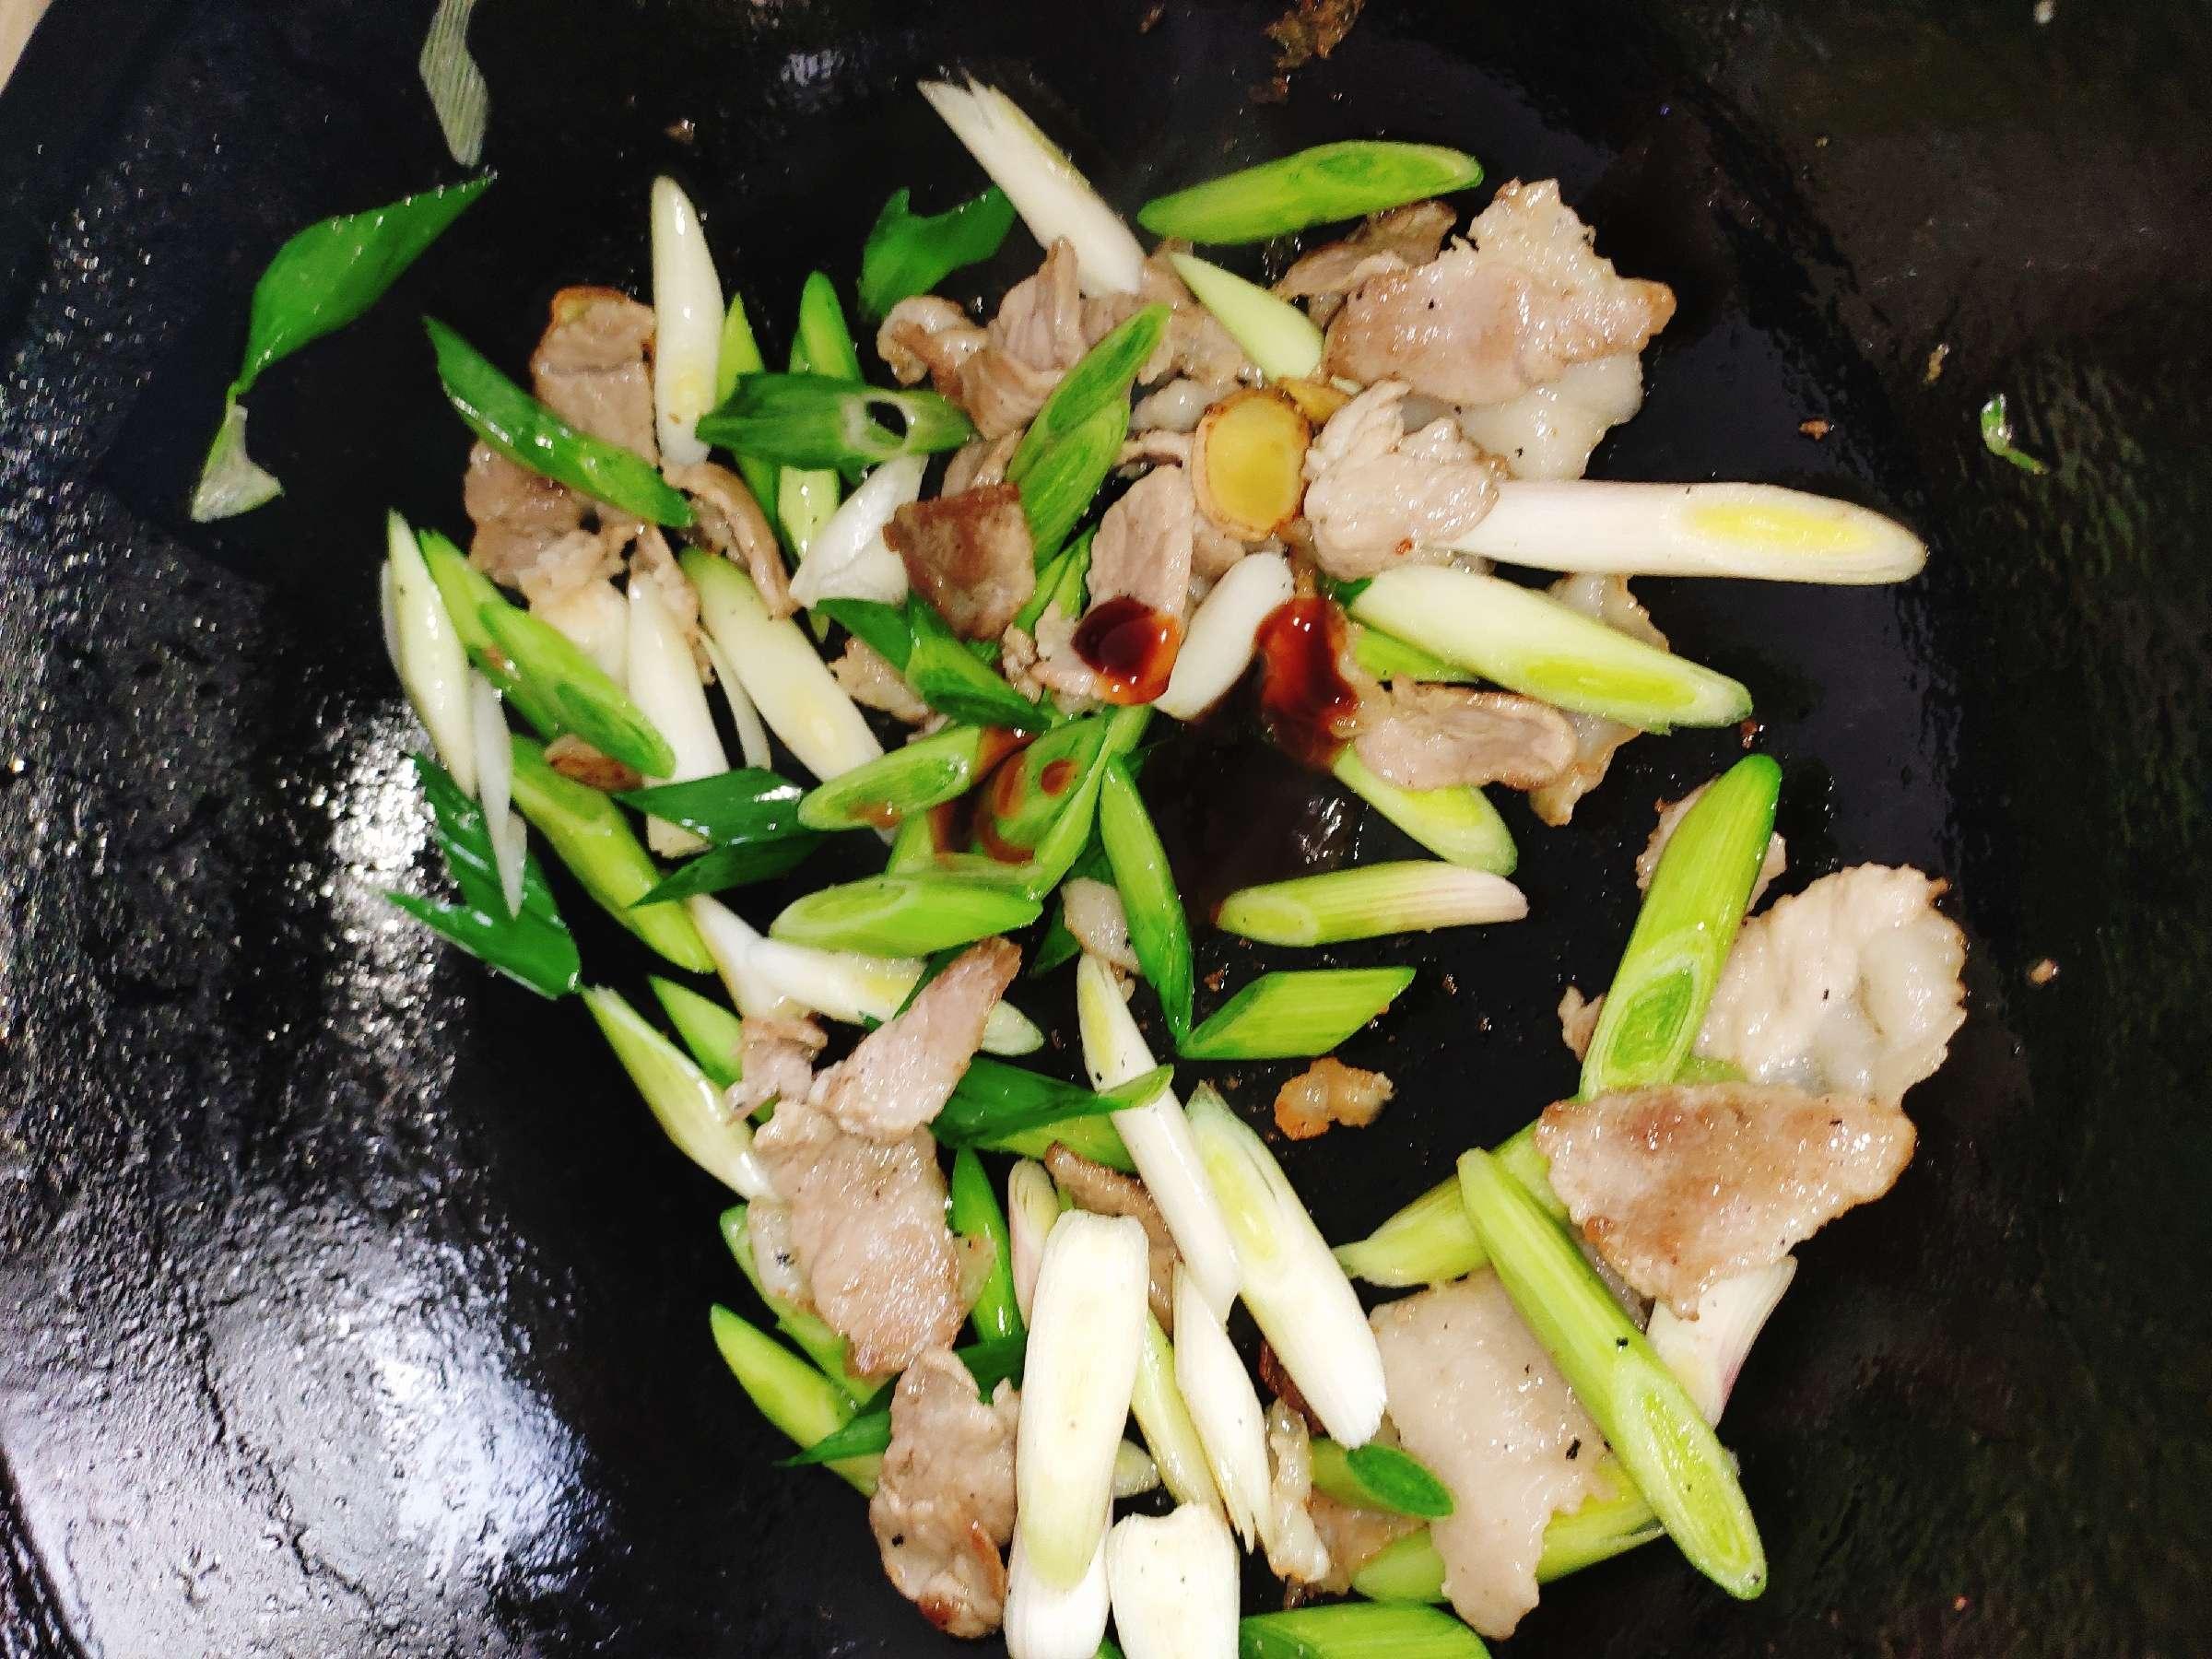 大蒜苗炒肉怎么做